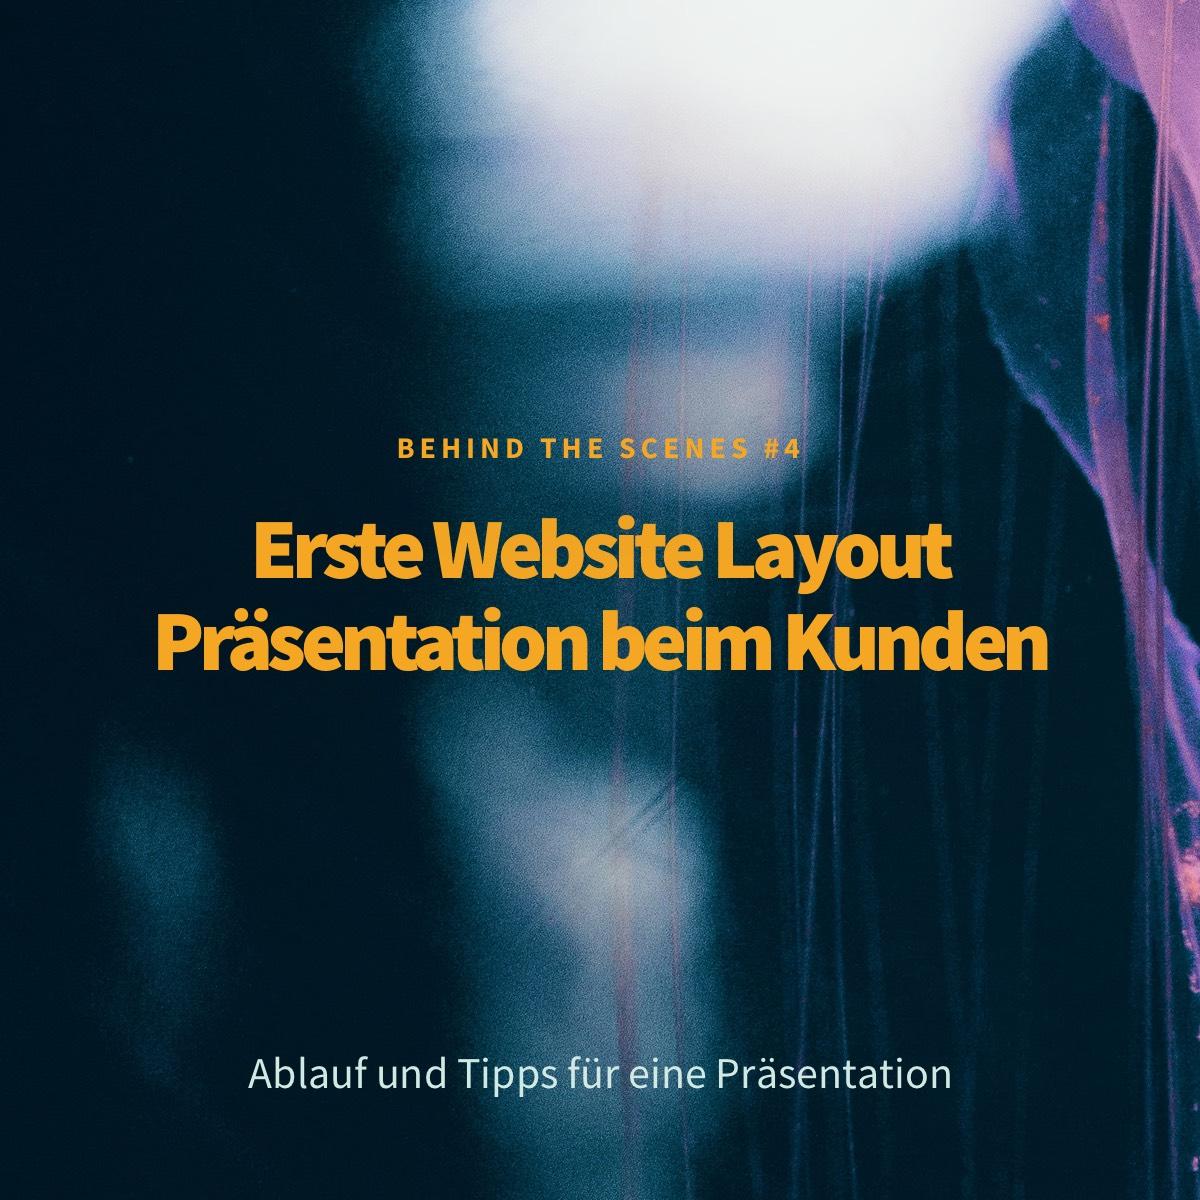 Erste Website Layout Präsentation beim Kunden (Teil 4)